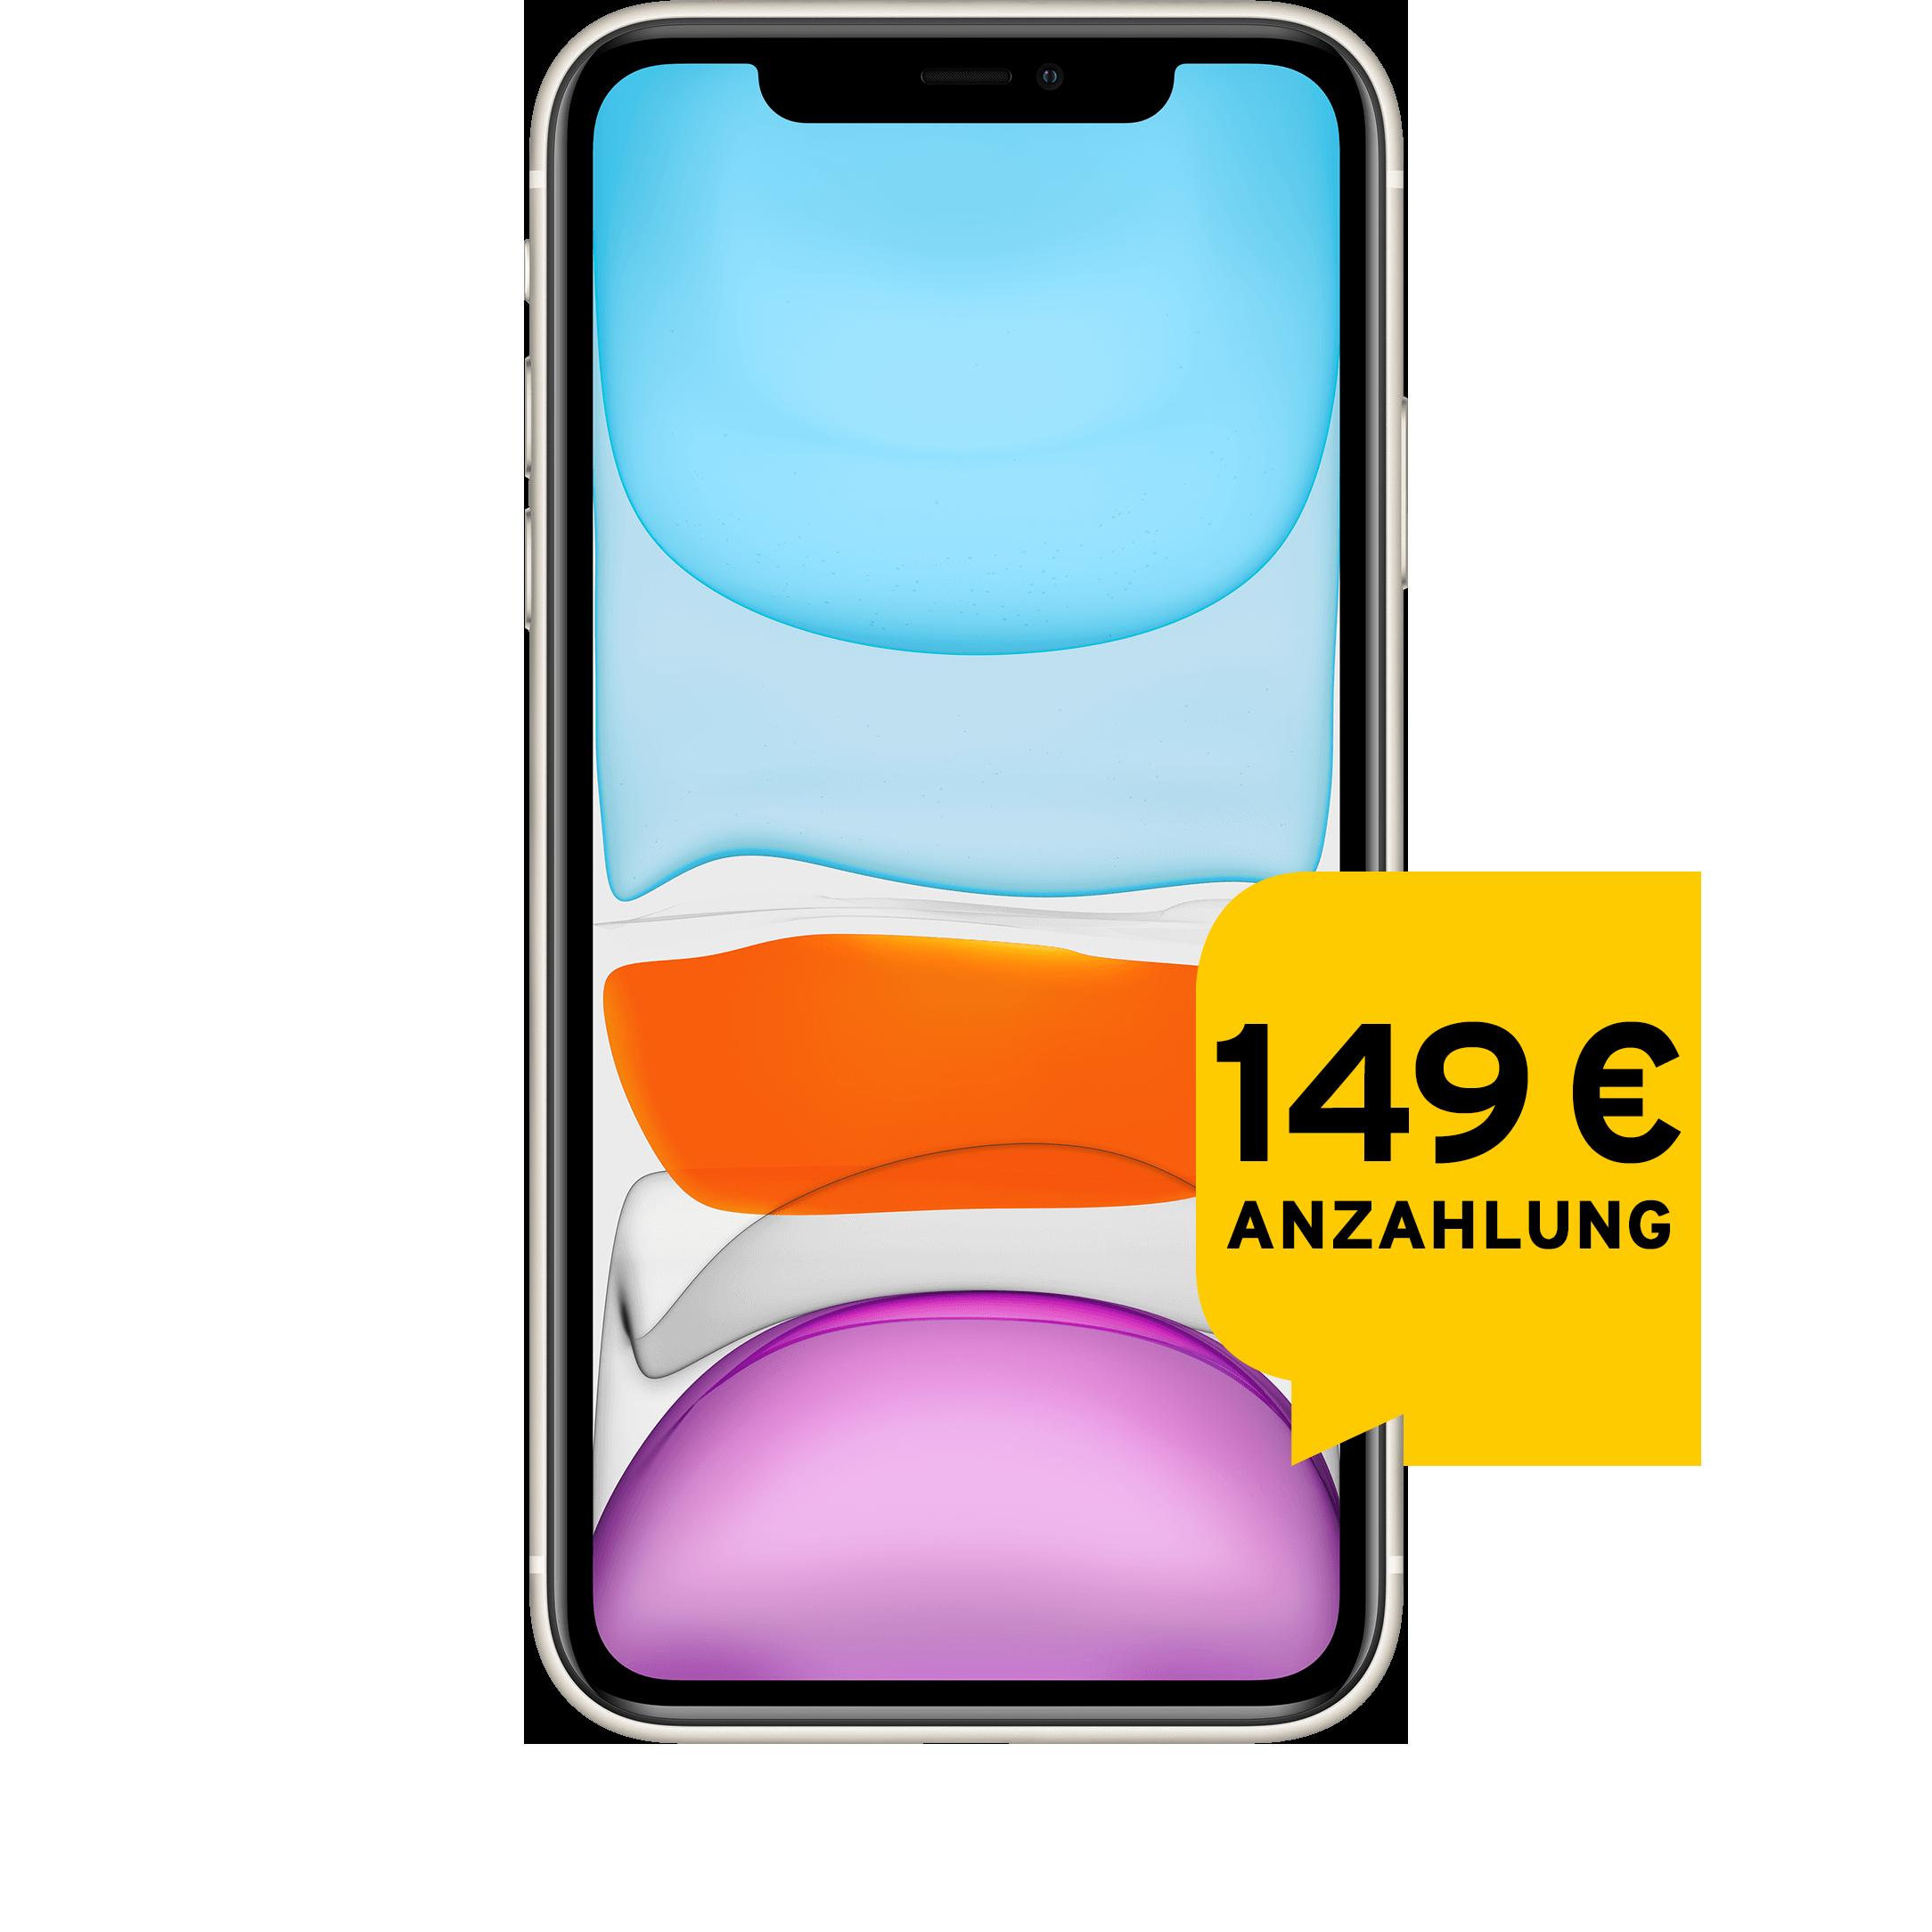 Günstig Kaufen beim Preisvergleich-Apple iPhone 11 128 GB weiß Aktion mit Allnet Flat L